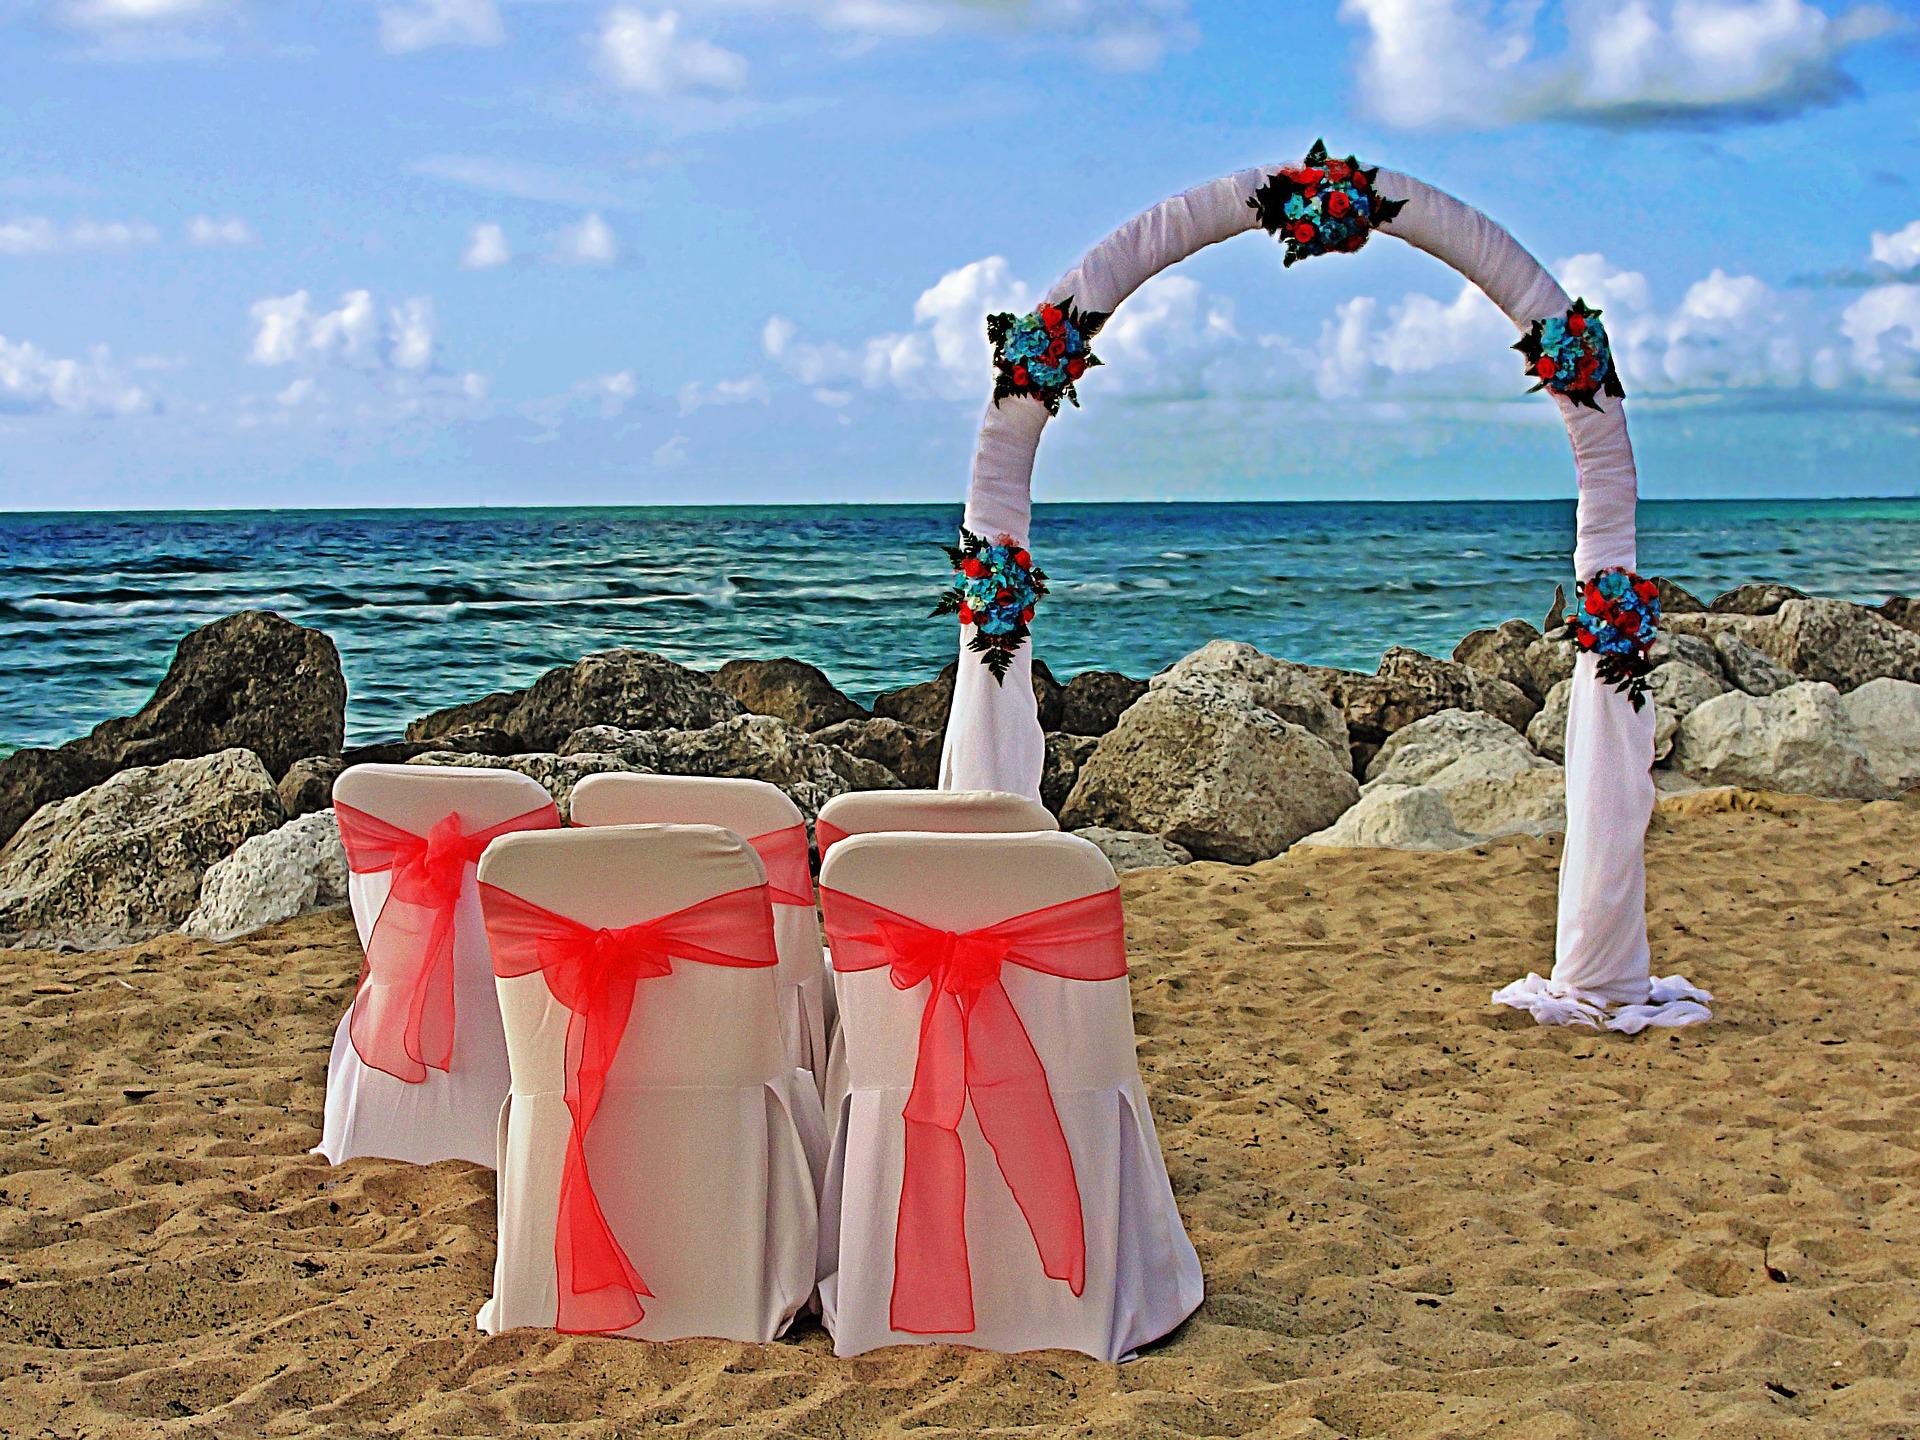 c7ab972922 Esküvő külföldön - luxus vagy sem? - Fapados Esküvő